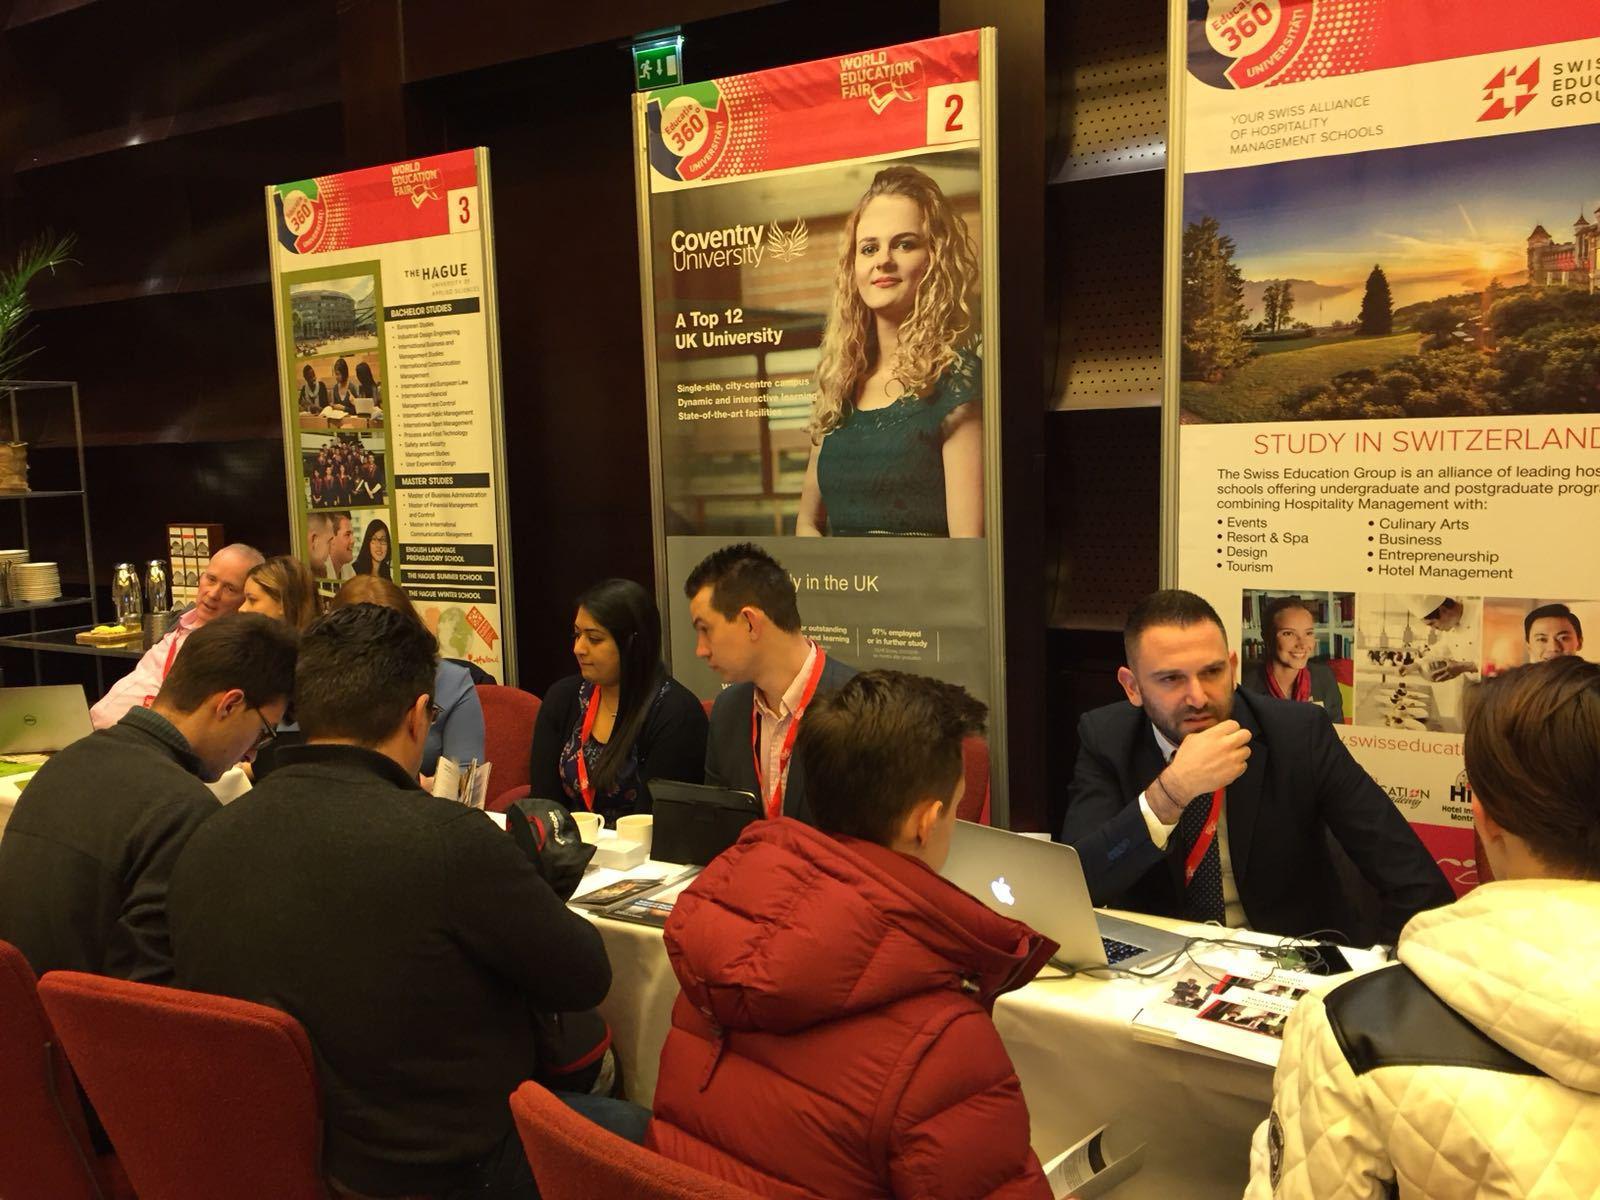 World Education Fair, târgul pentru elevii care vor să devină studenţi în afara ţării. Ţara cu universităţile care domină în preferinţele tinerilor români